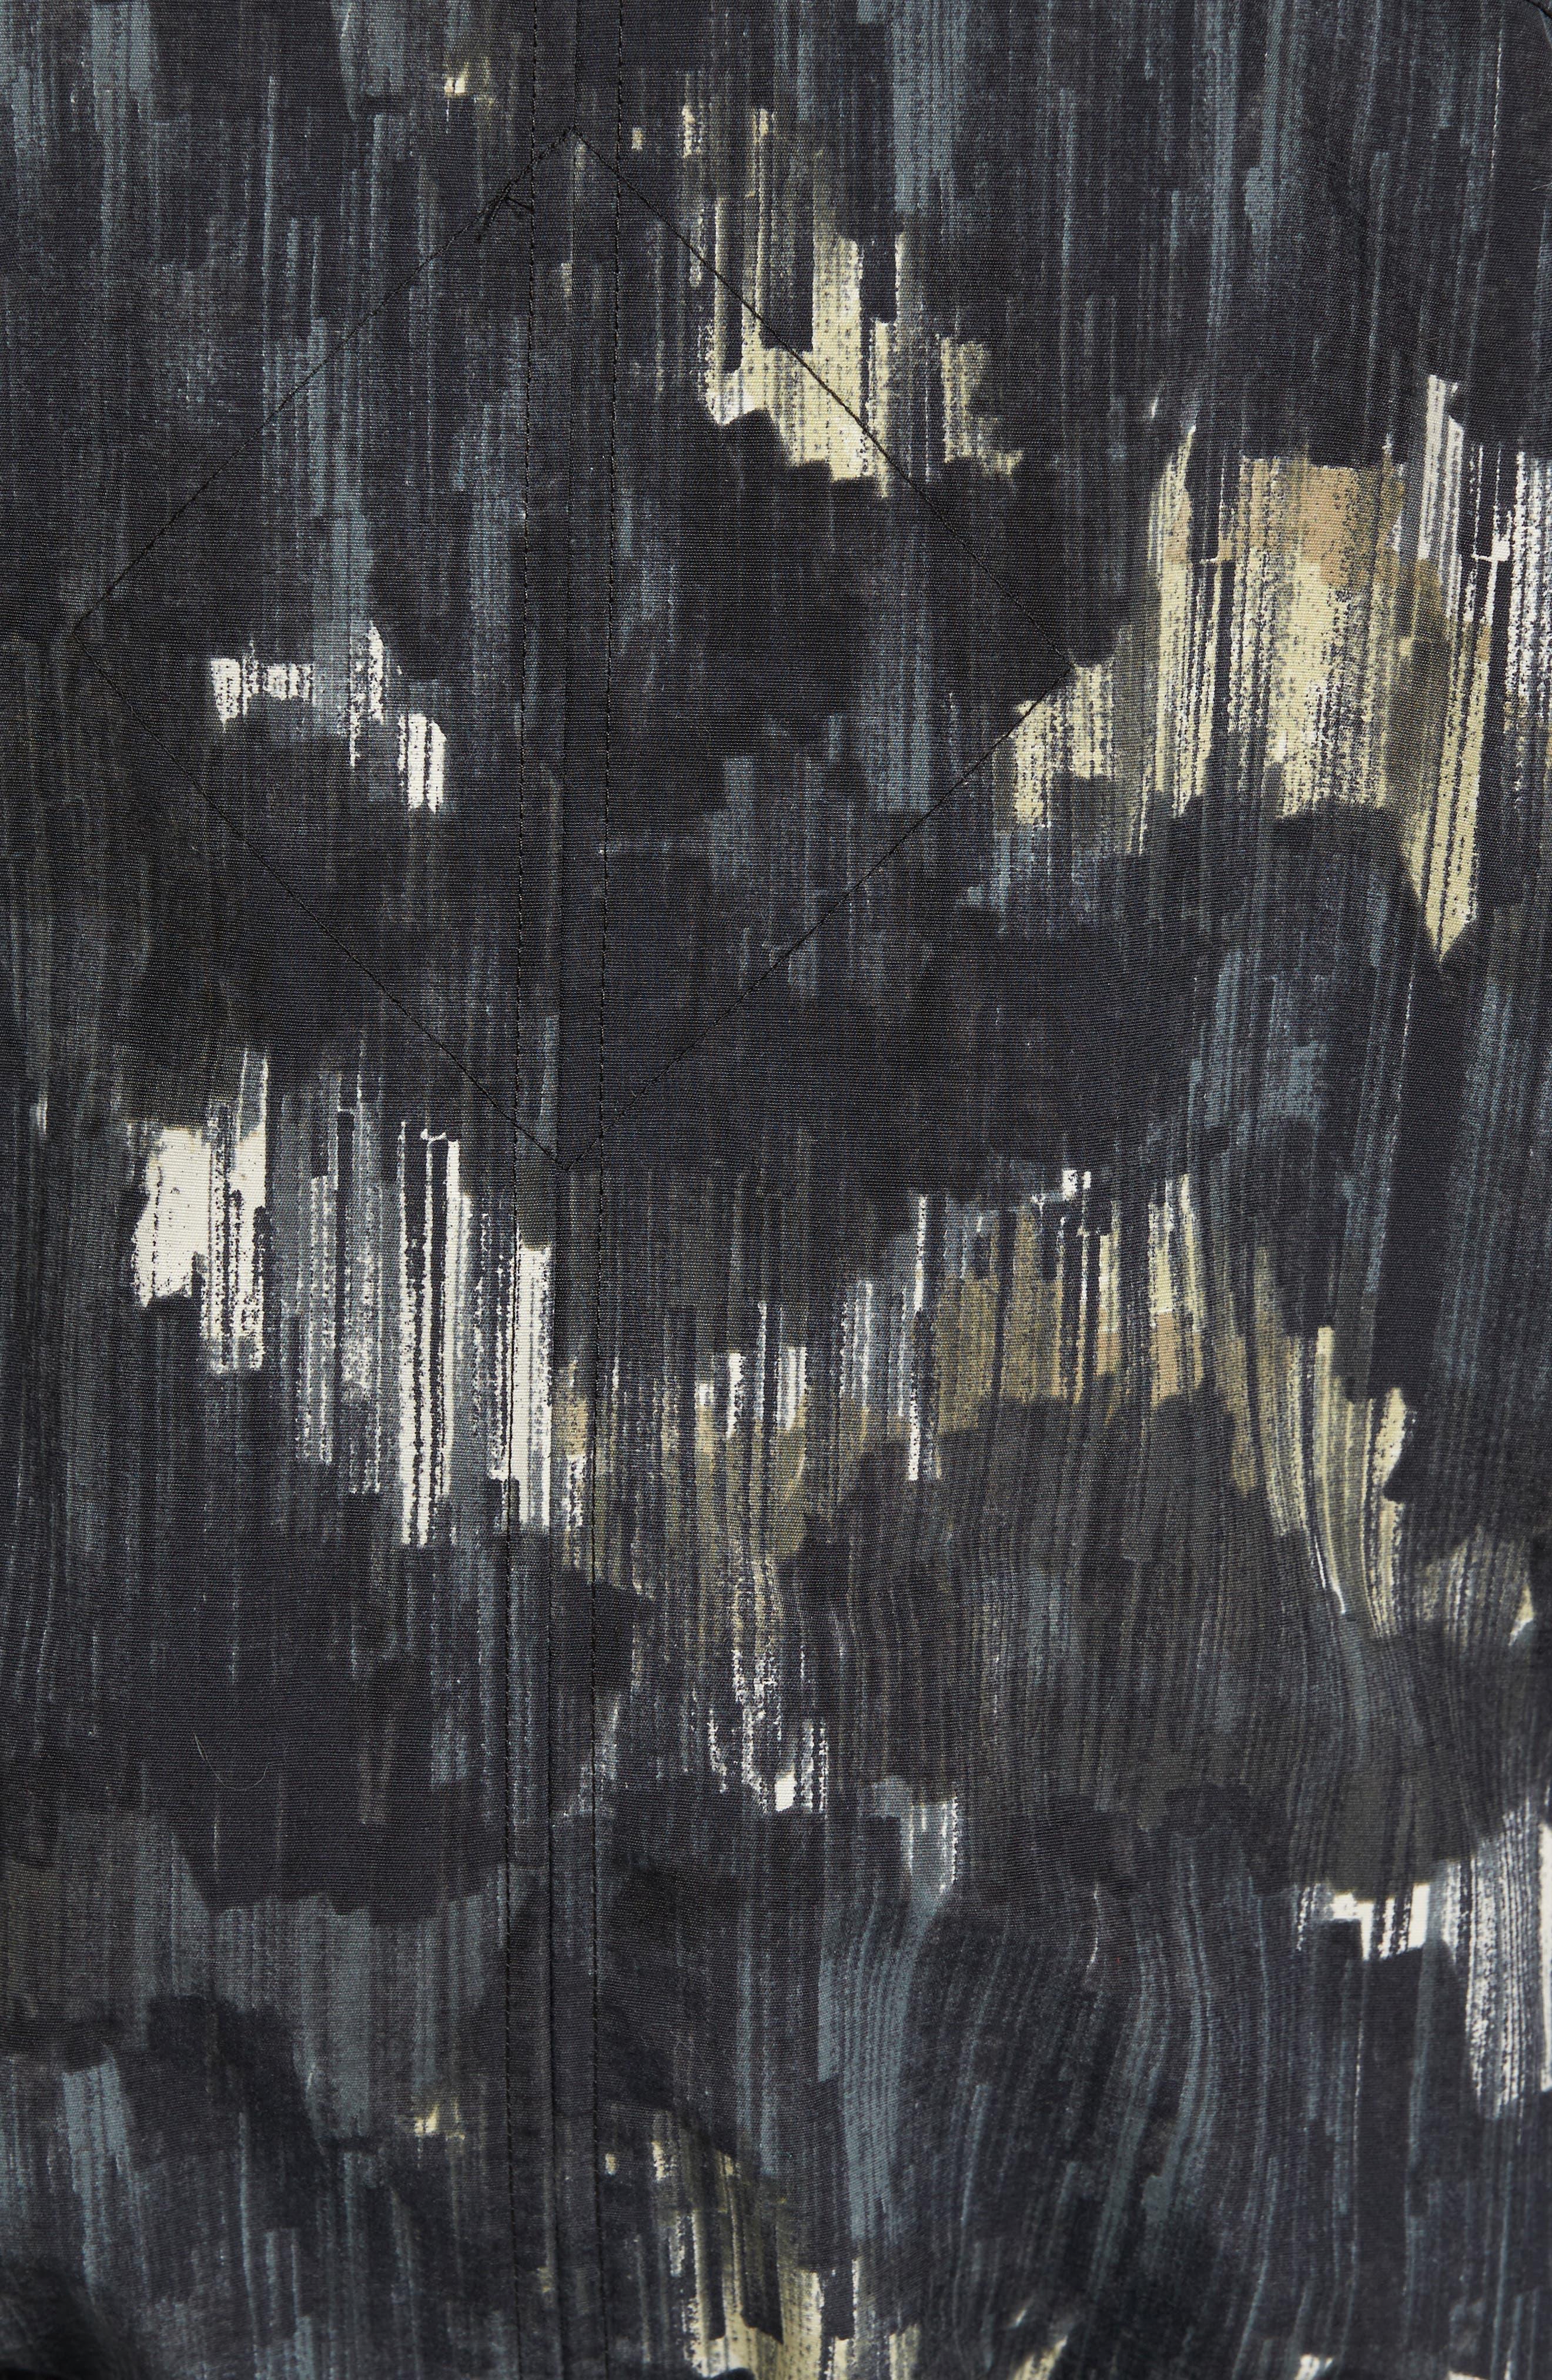 Faber Slim Fit Bomber Jacket,                             Alternate thumbnail 5, color,                             NOCTURNE PRINT